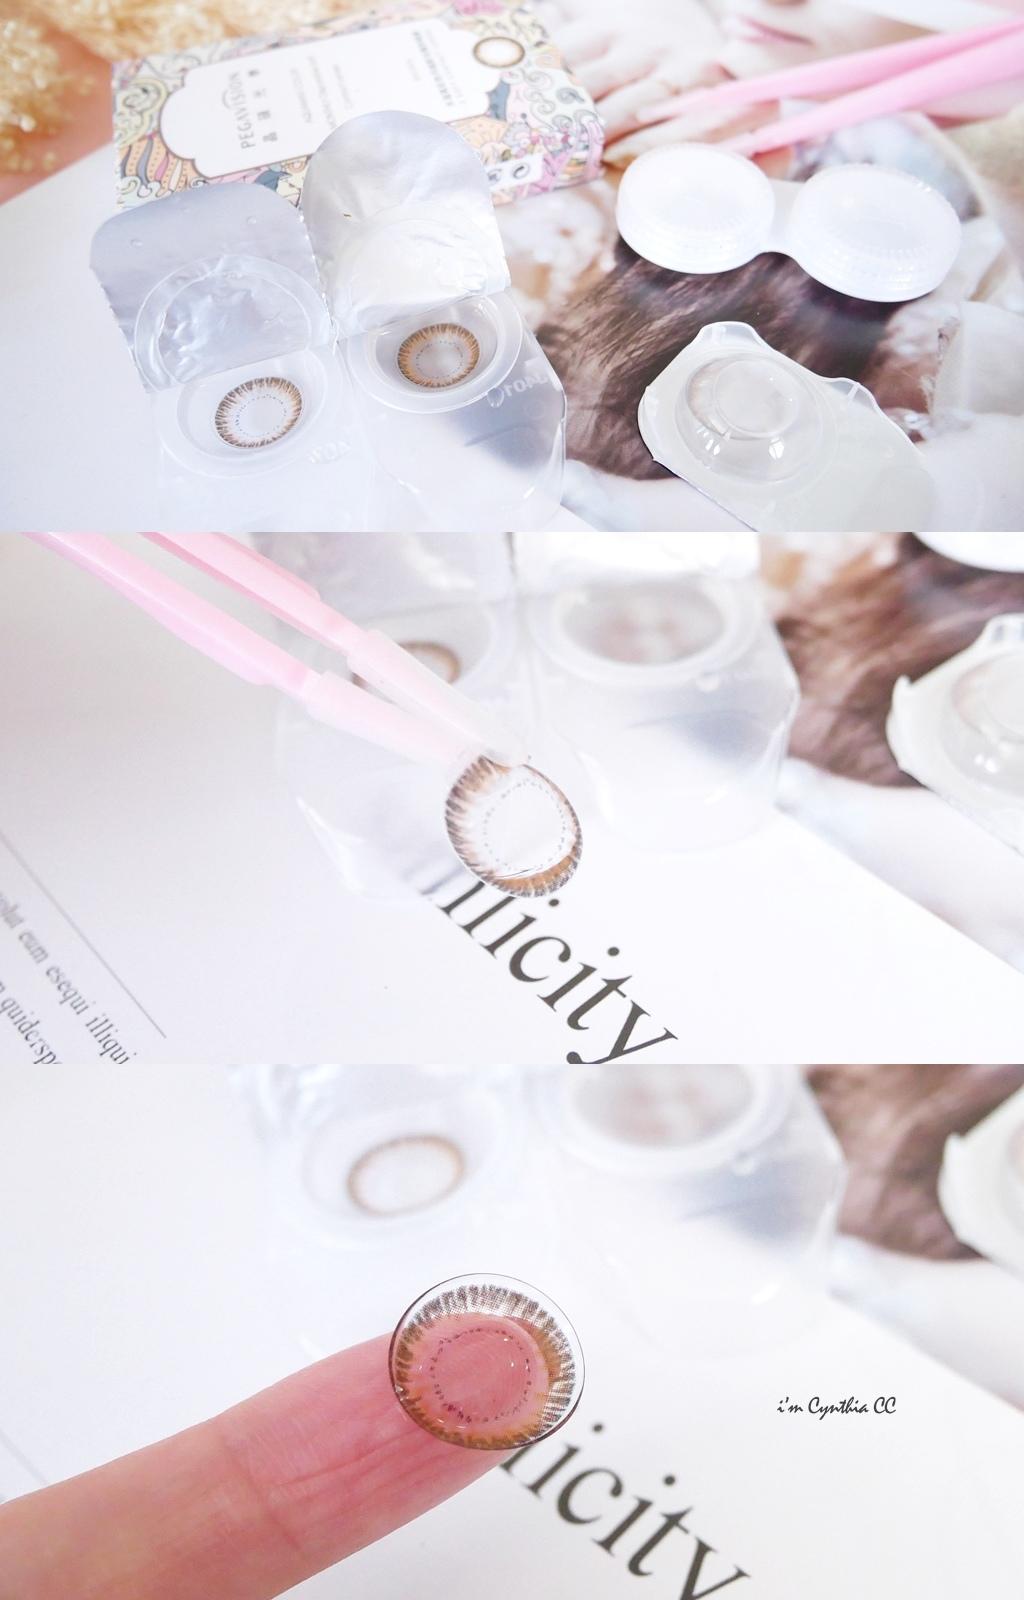 晶碩光學炫彩系列彩色月拋軟性隱形眼鏡-炫彩灰&炫彩棕-放大片